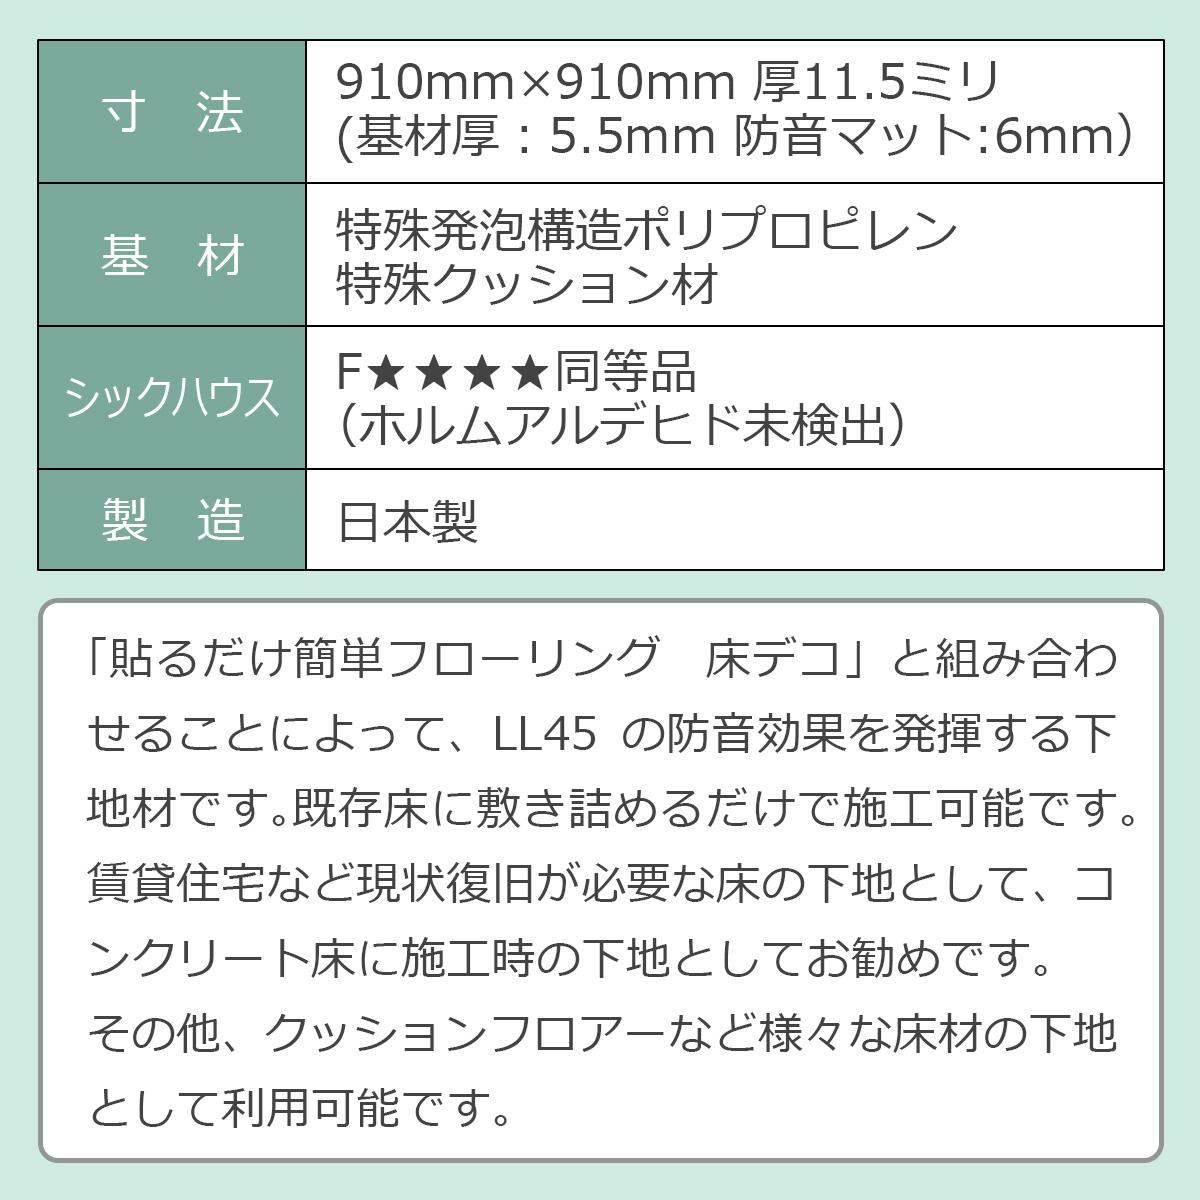 LL45遮音下地材の性能